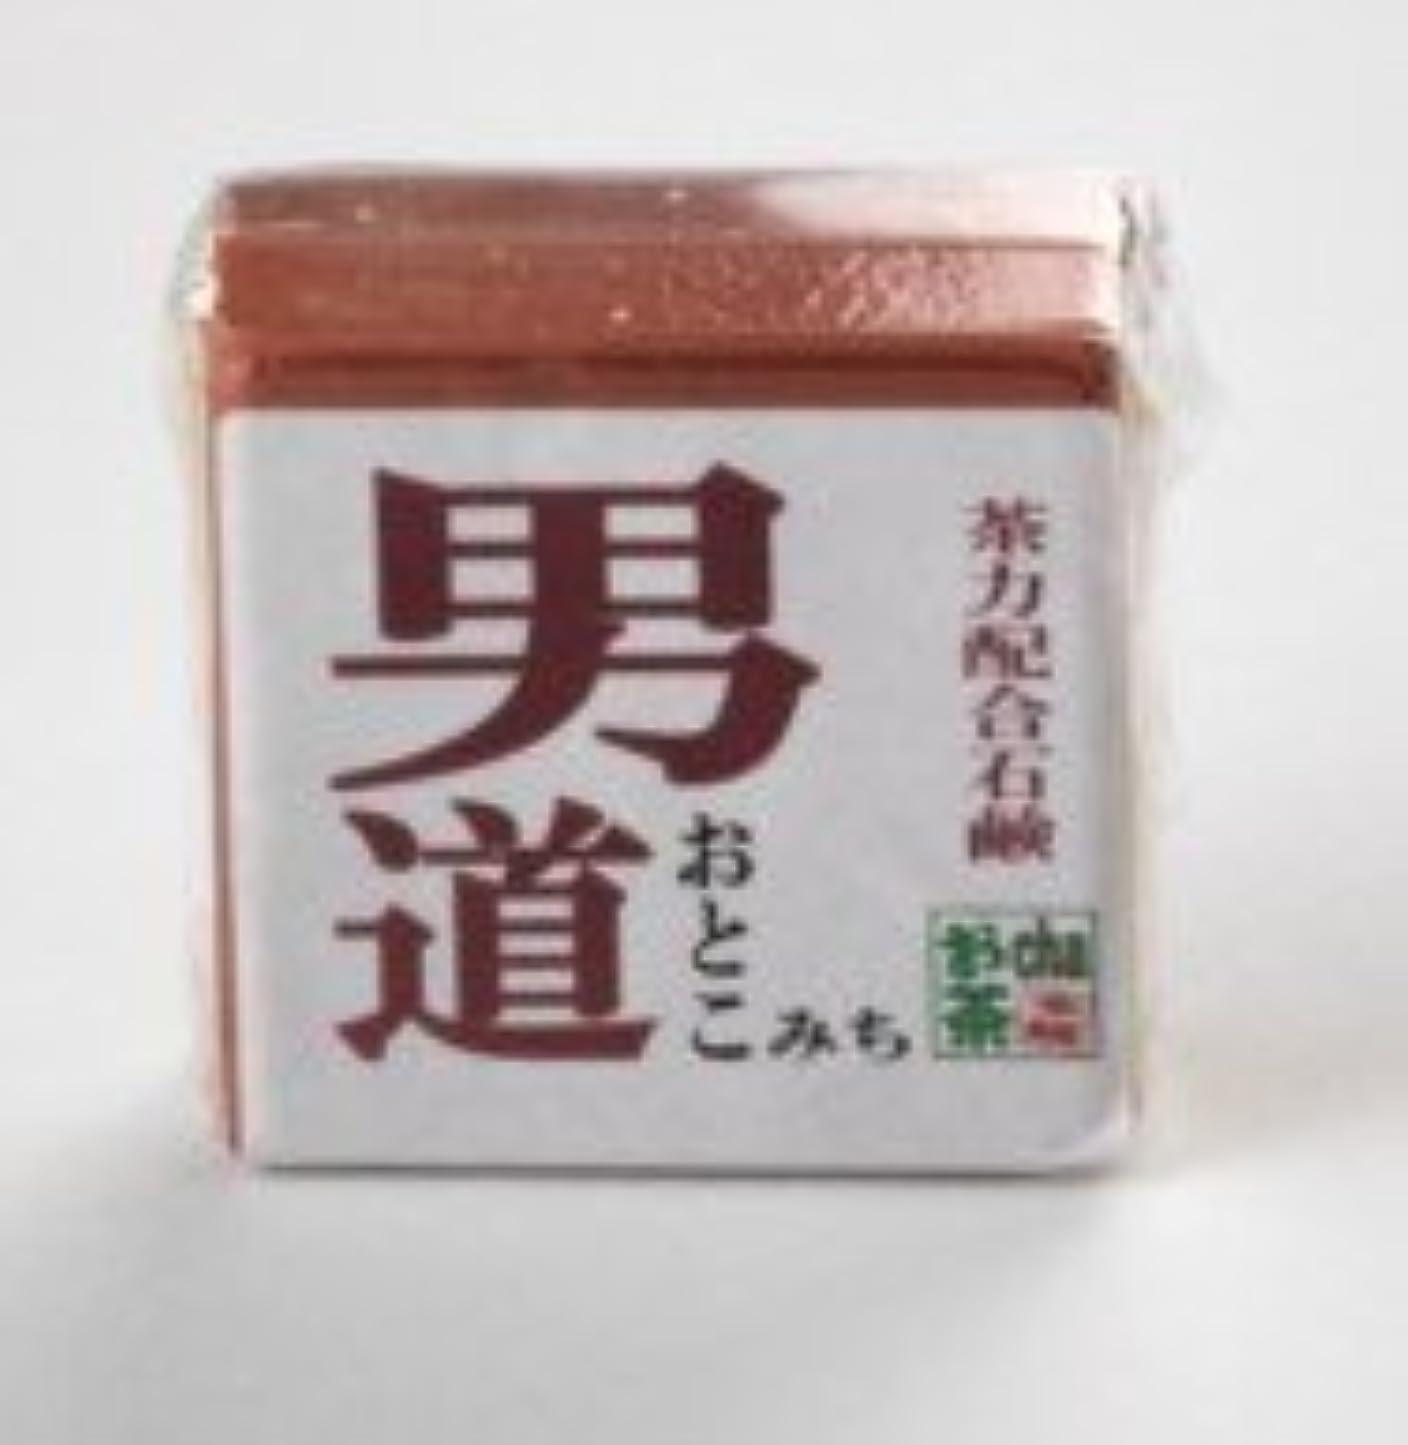 清めるカバー異邦人男性用無添加石鹸 『 男 道 』(おとこみち) 115g固形タイプ 抗菌力99.9%の日本初の無添加石鹸